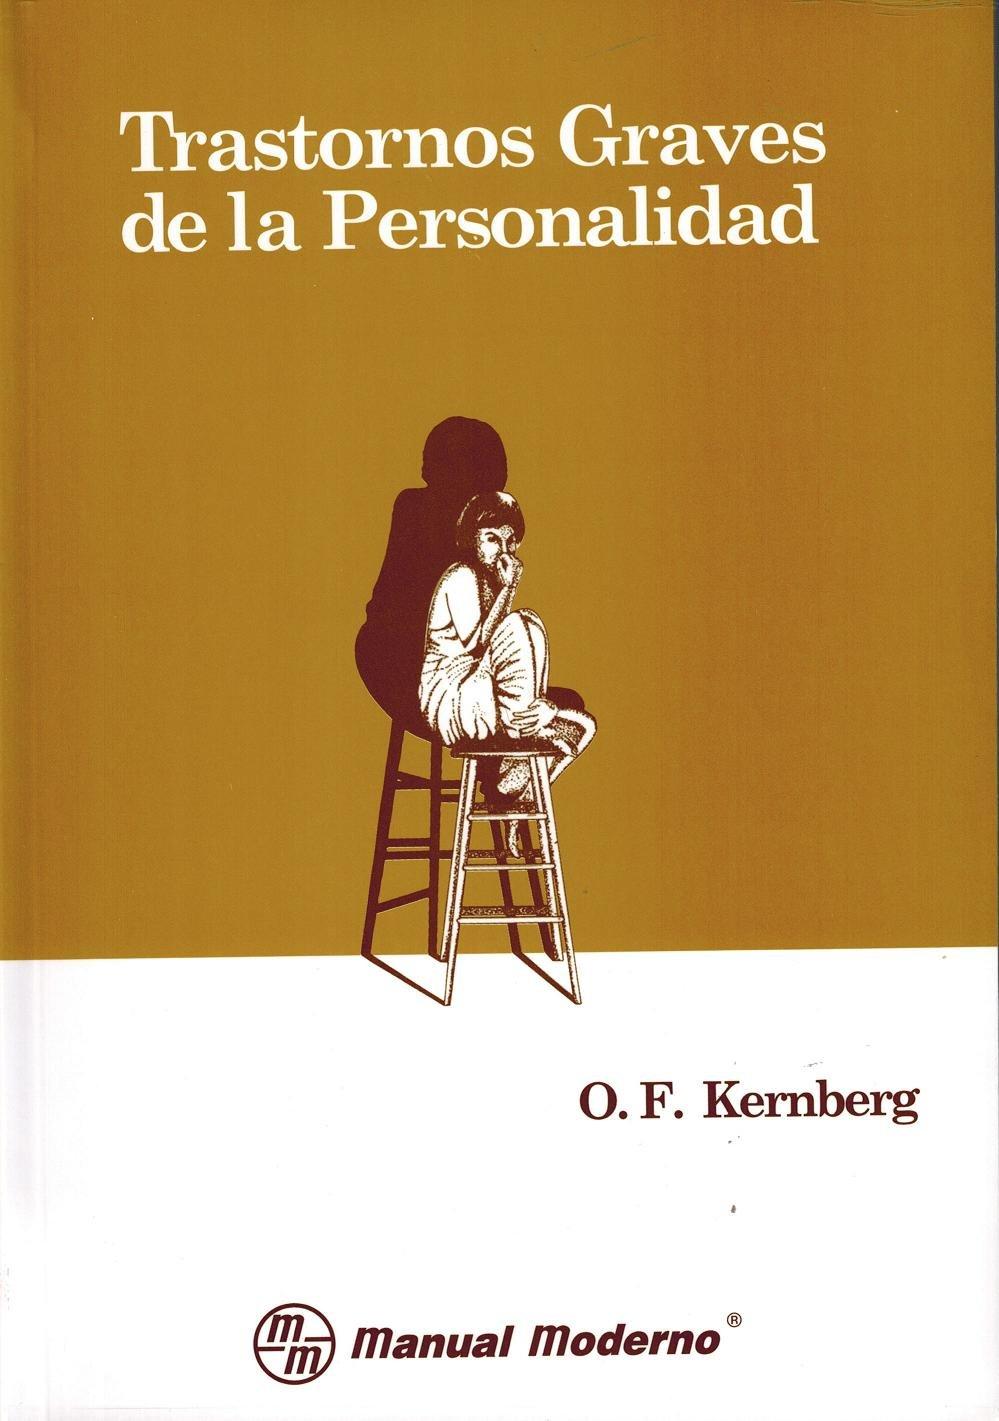 libro trastornos graves de la personalidad otto kernberg